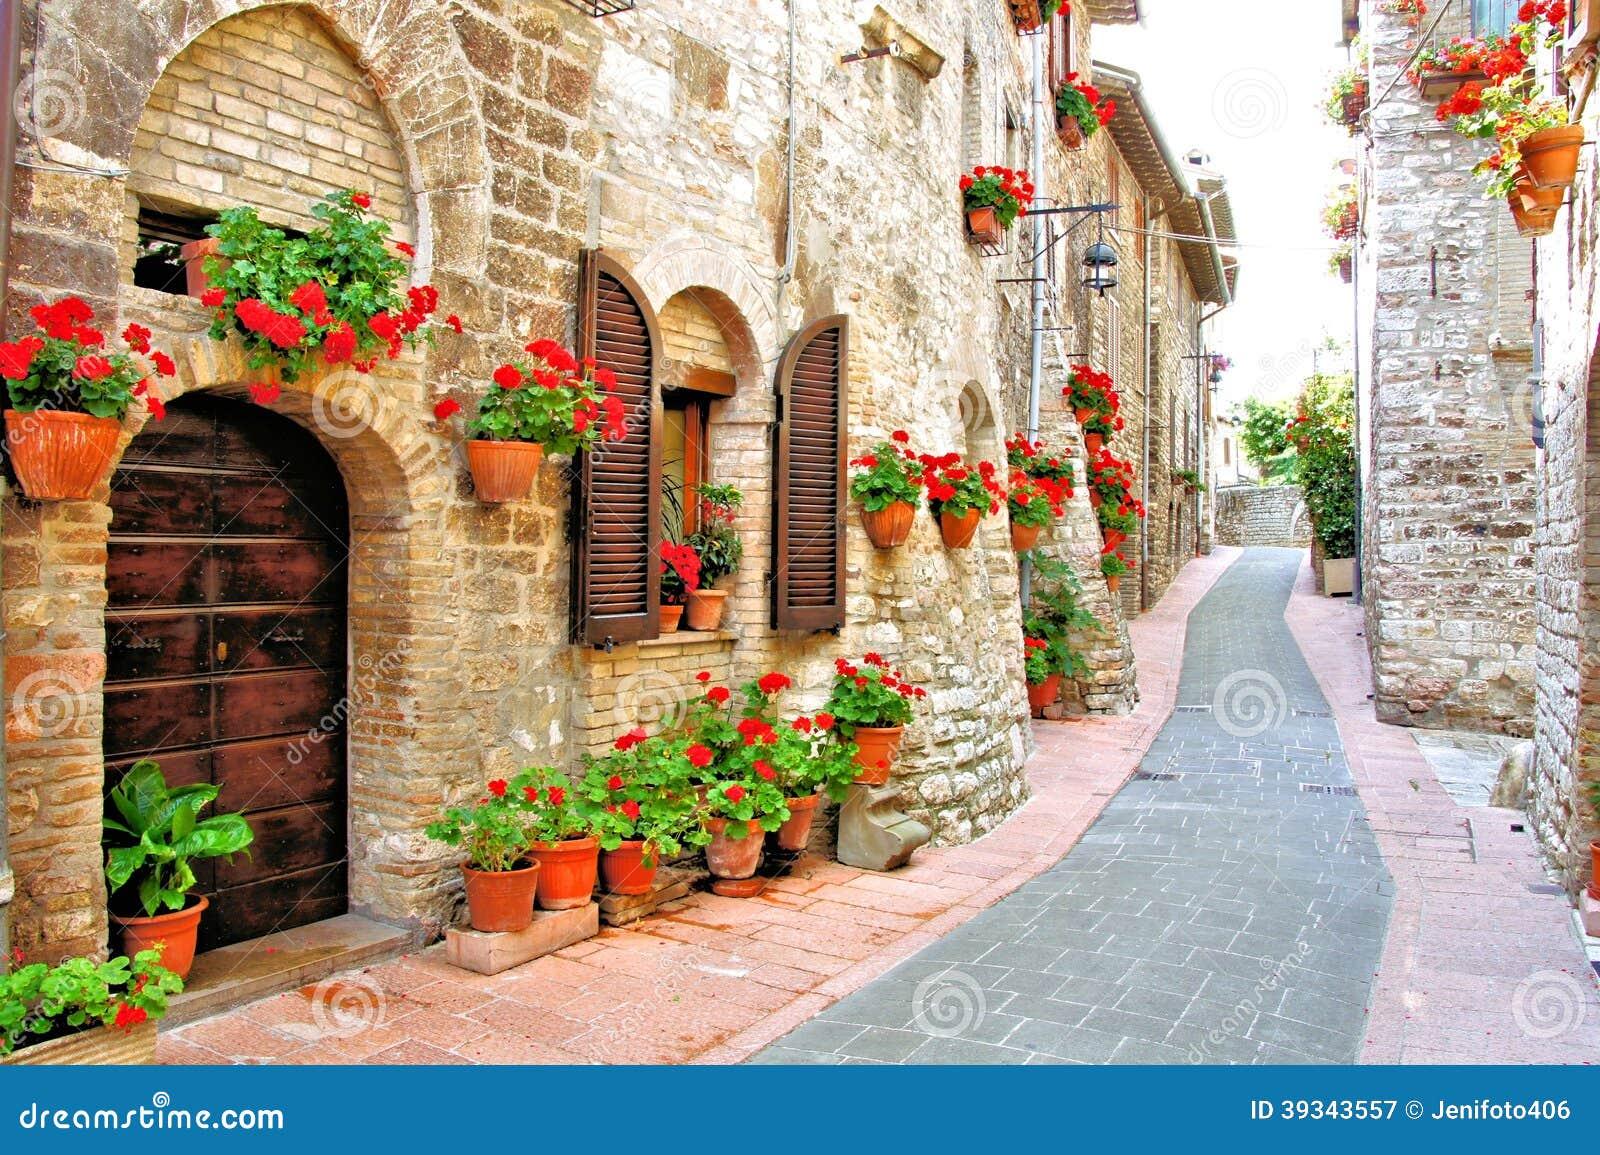 Flower Filled Italian Lane Stock Image